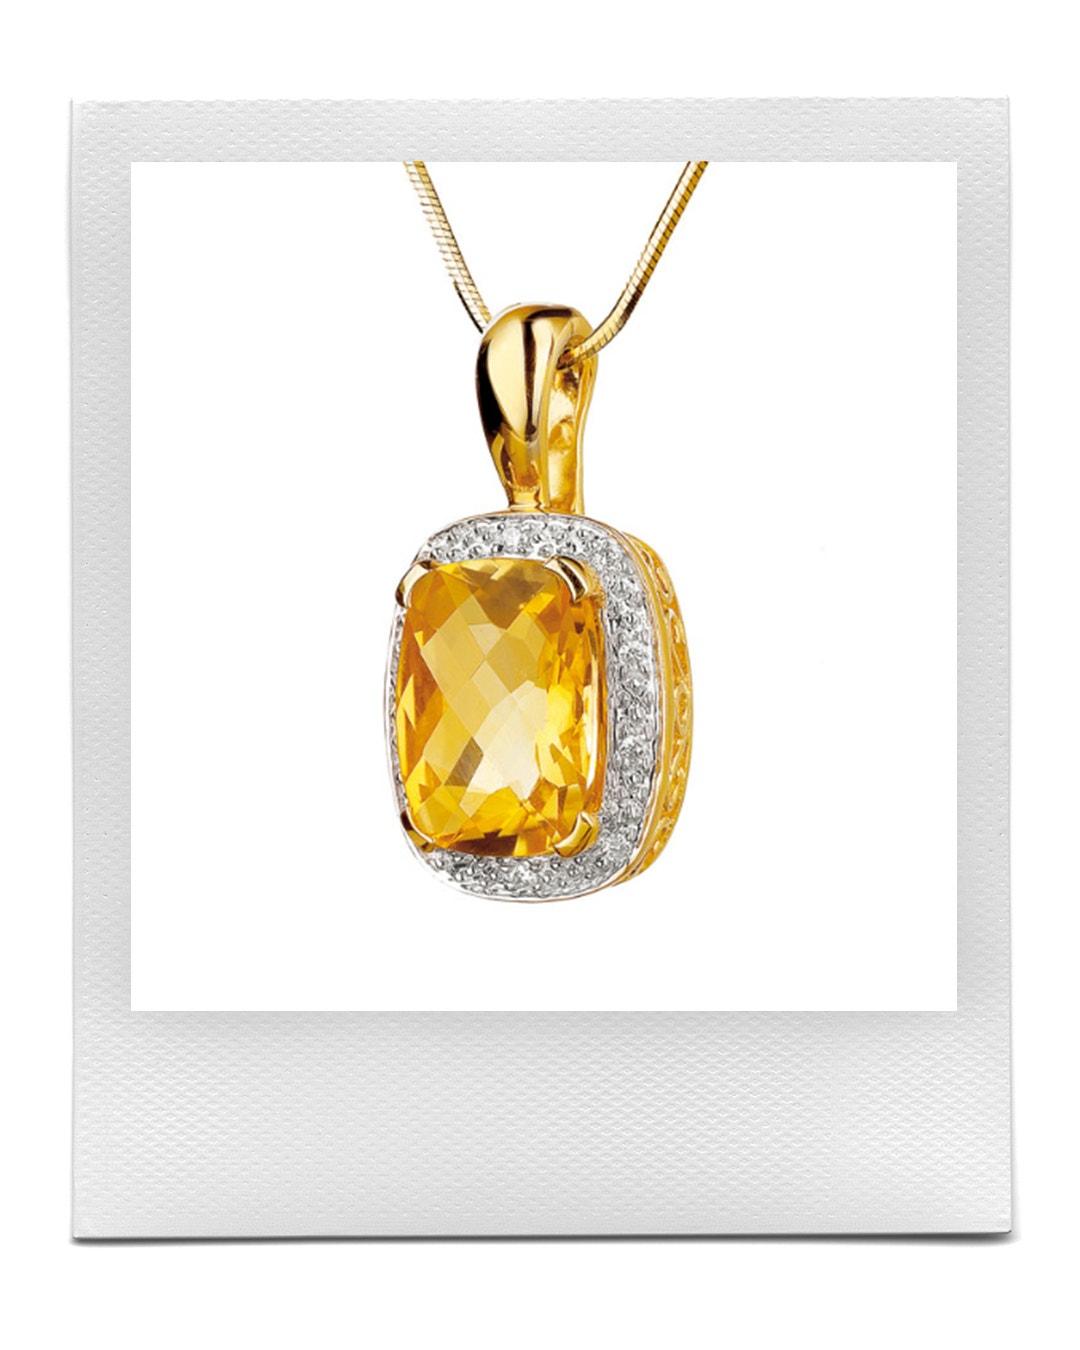 Přívěsek ze zlata s diamanty a citrínem, Apart  prodává Apart, 11 359 Kč